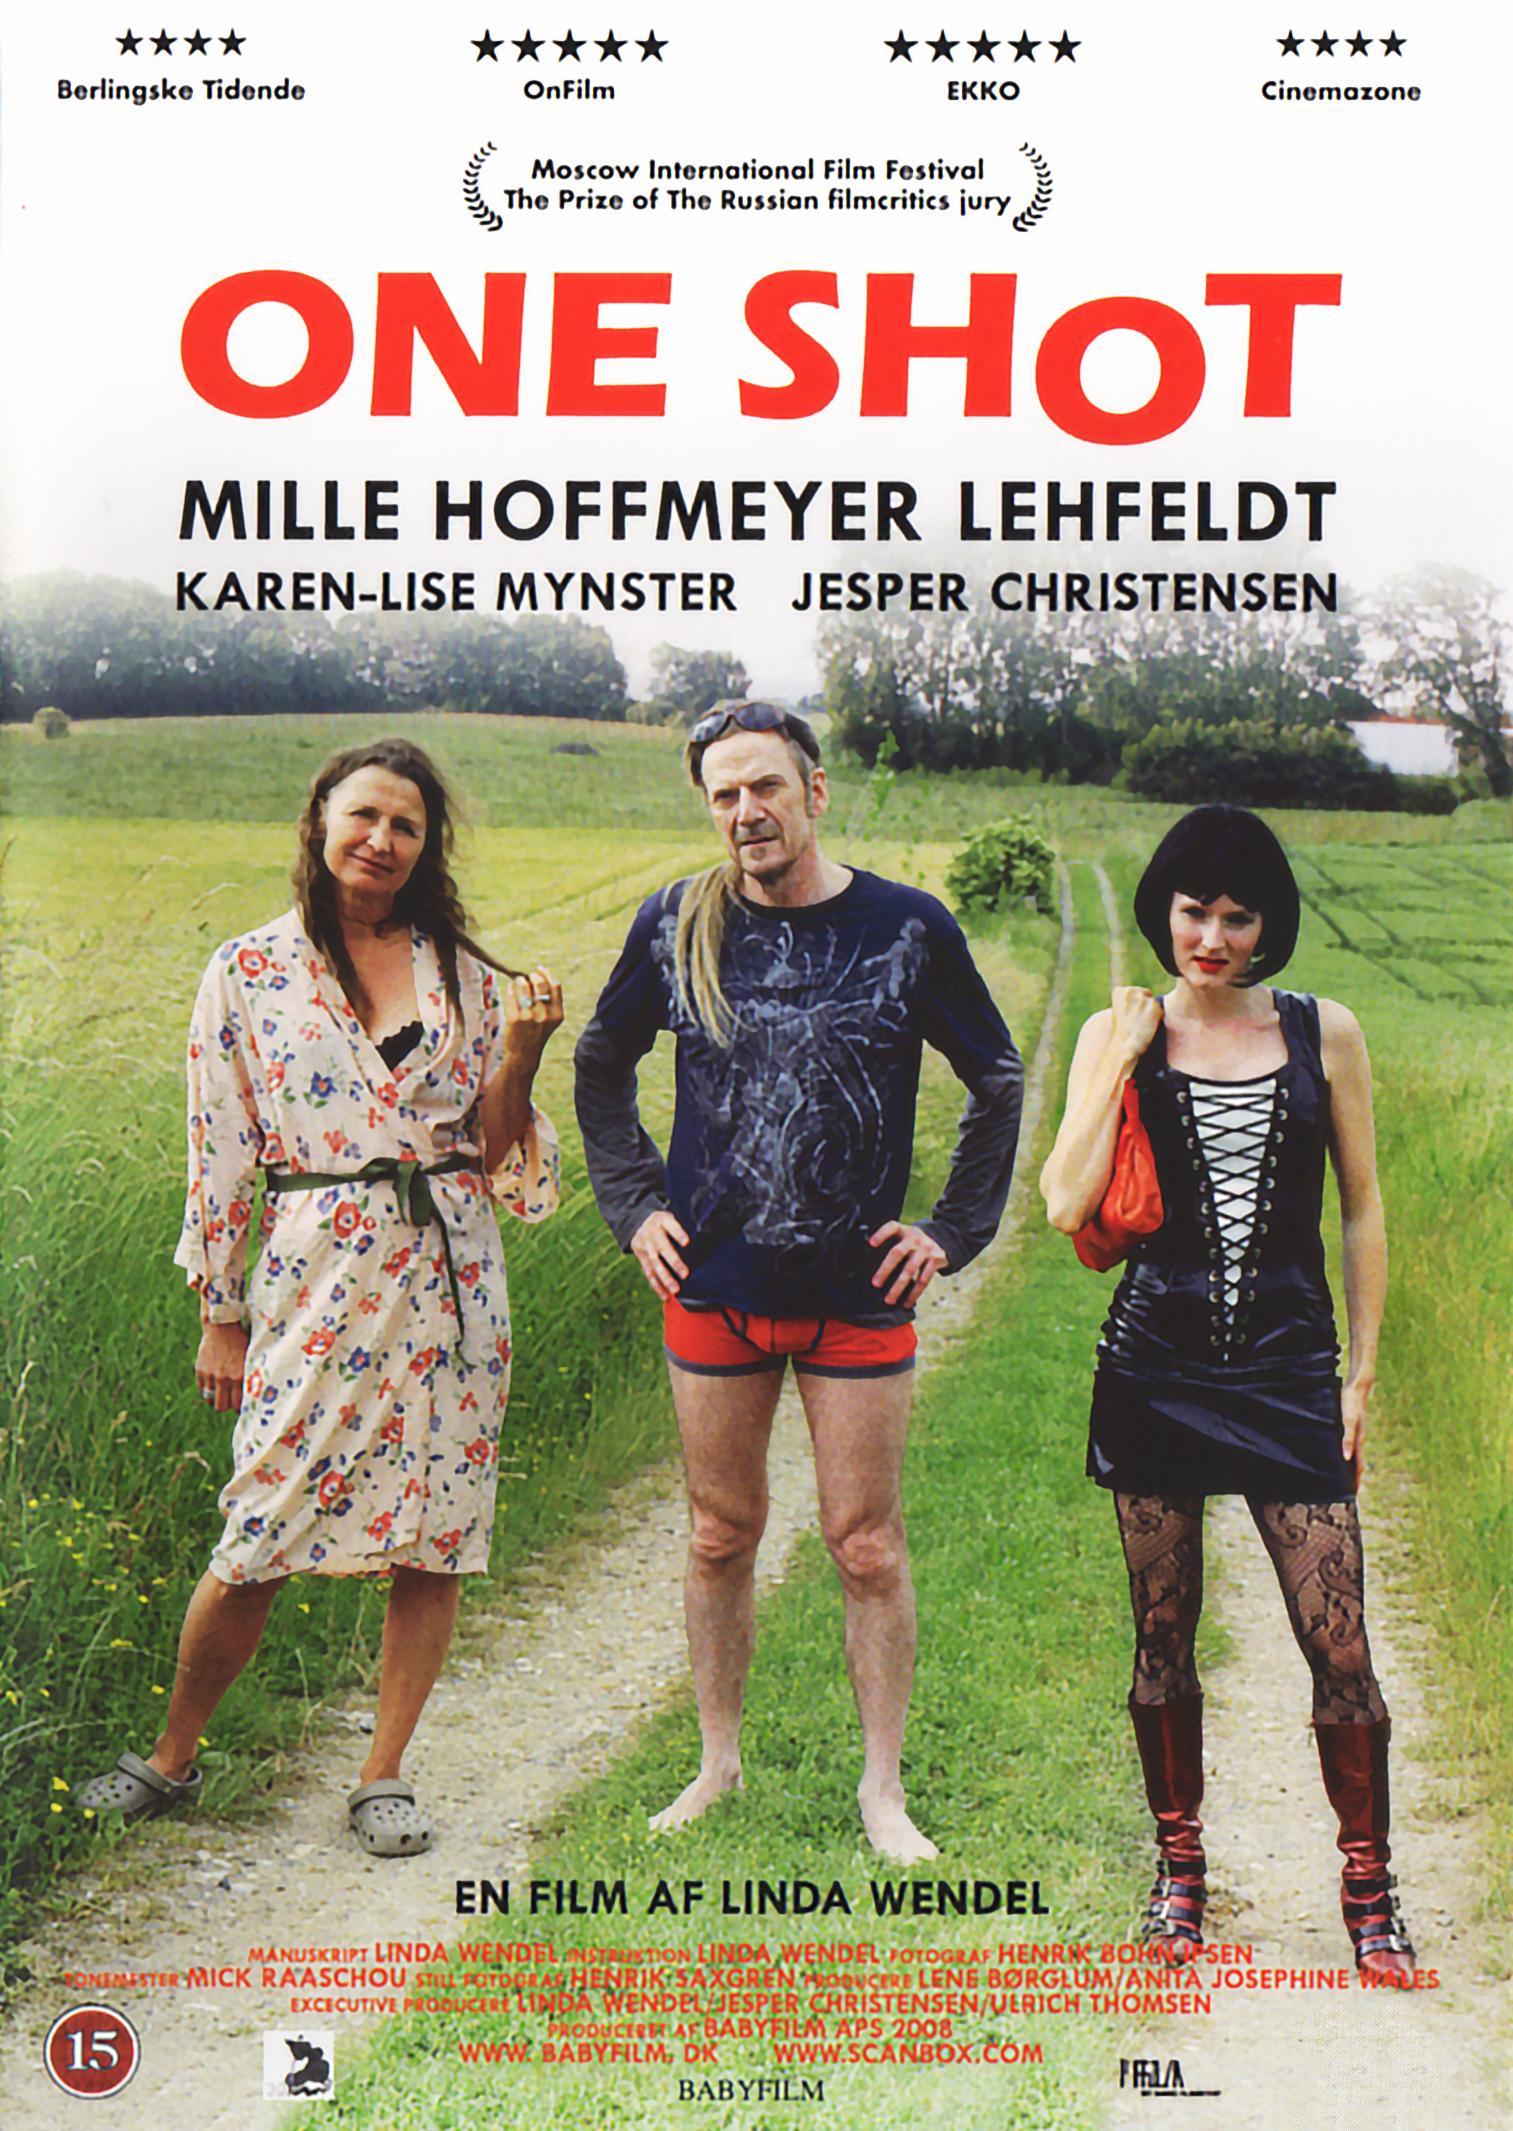 Jesper Christensen, Mille Lehfeldt, and Karen-Lise Mynster in One Shot (2008)